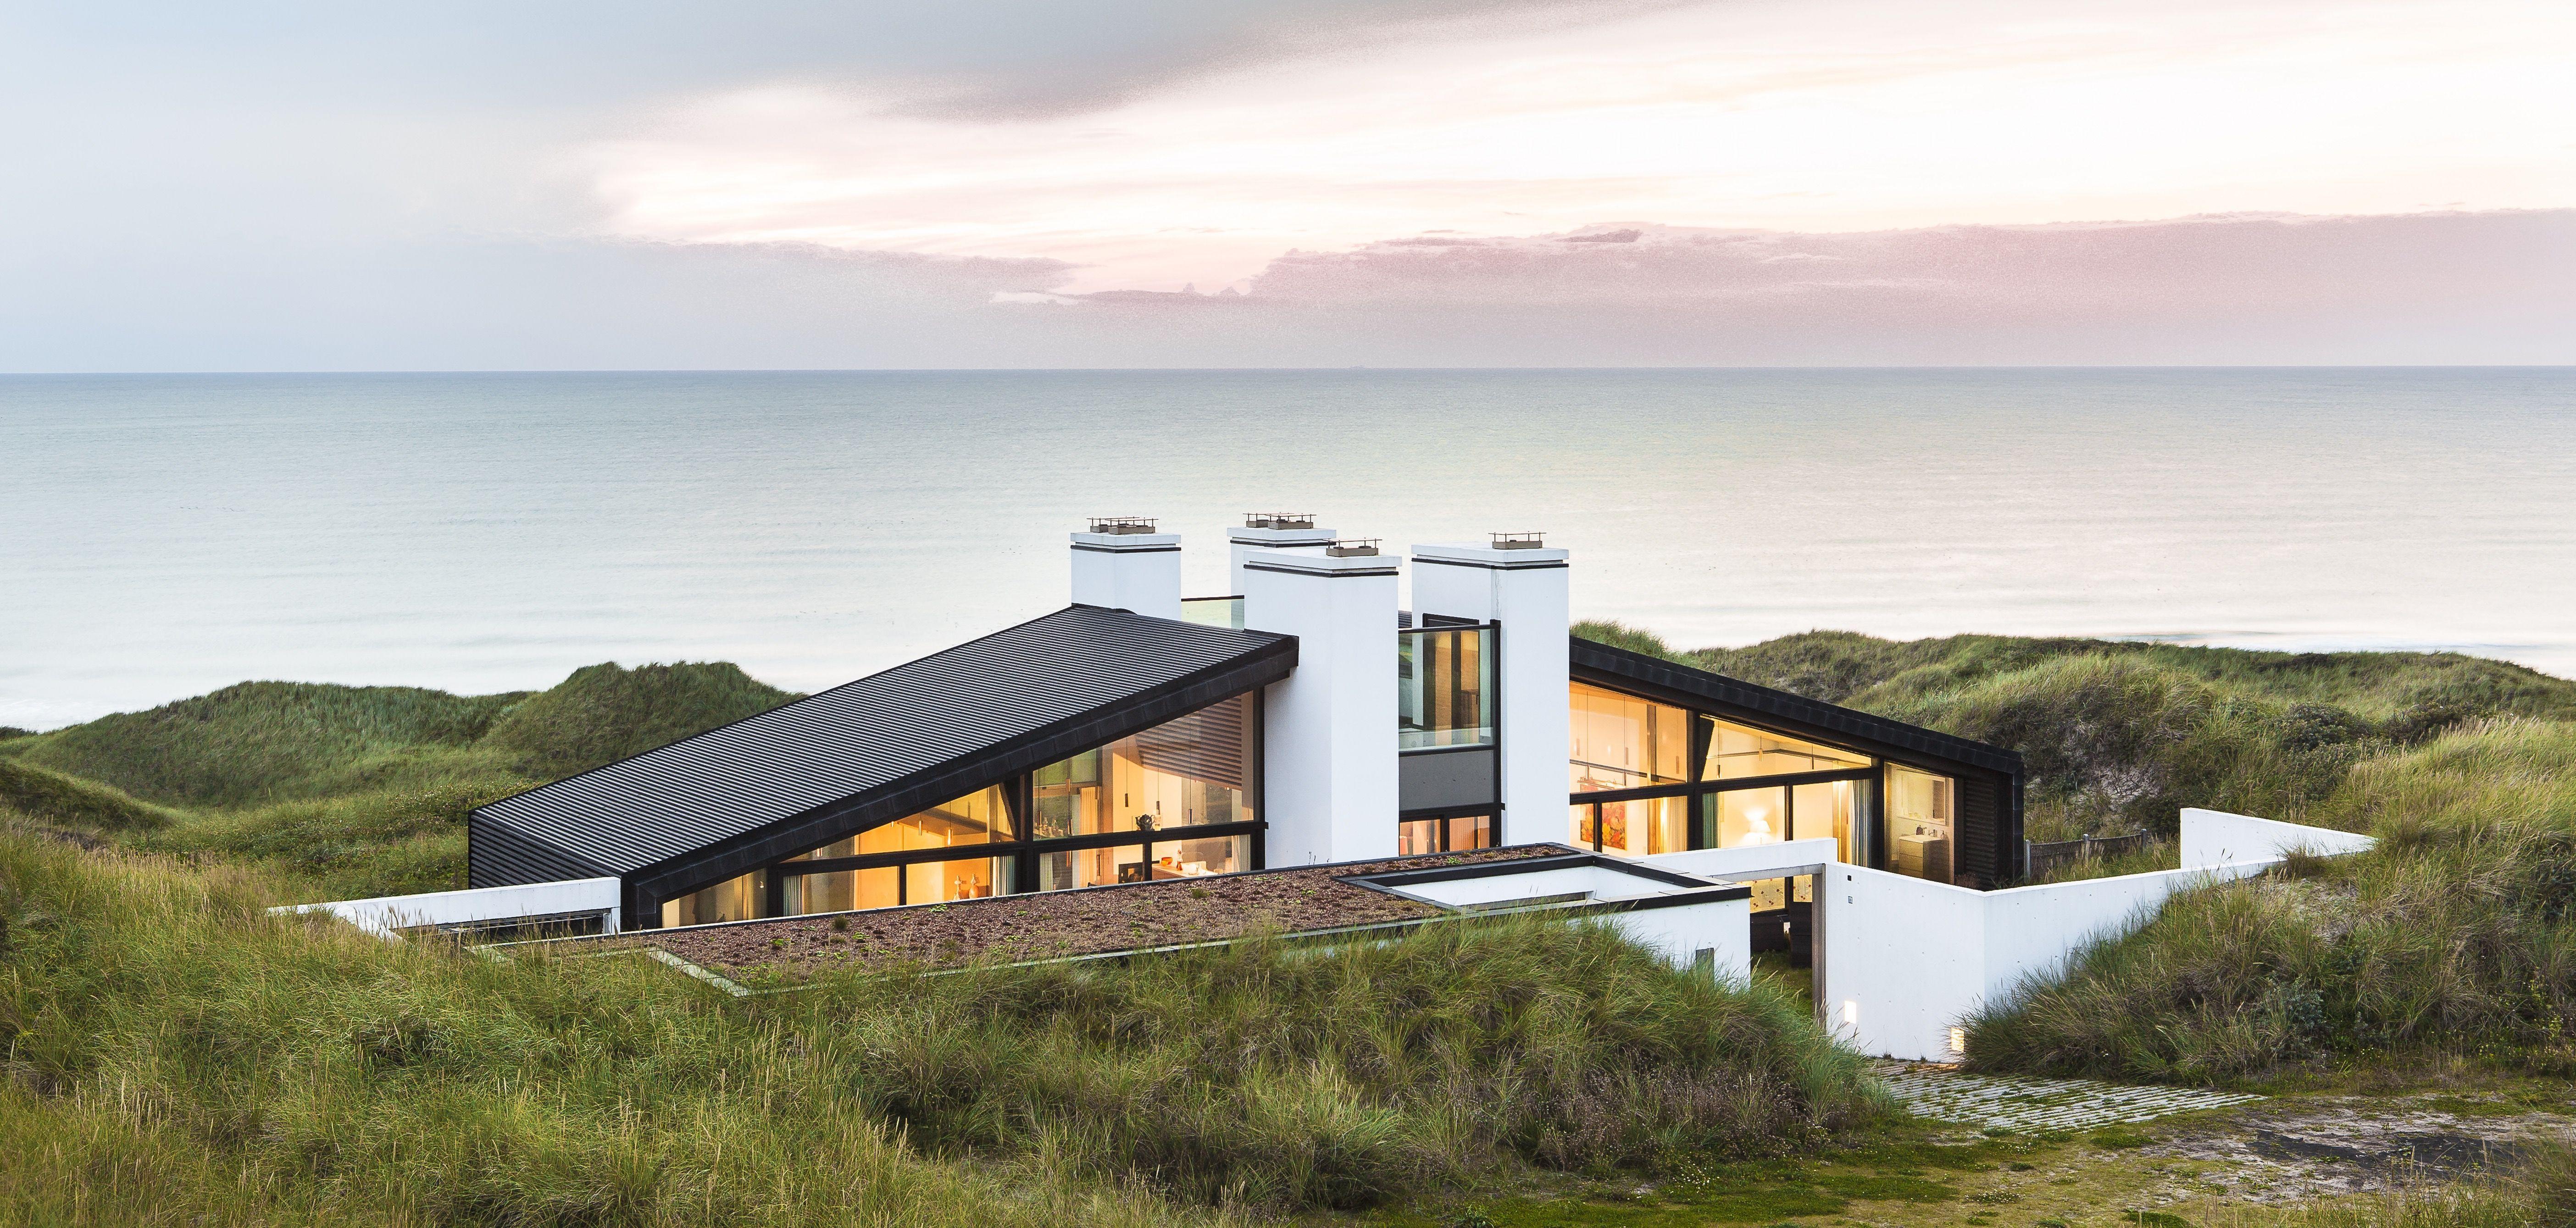 30 Gorgeous Scandinavian Modern House Designs For Perfect Living Ideas Dexorate Scandinavian Modern House Scandinavian Architecture House Designs Exterior